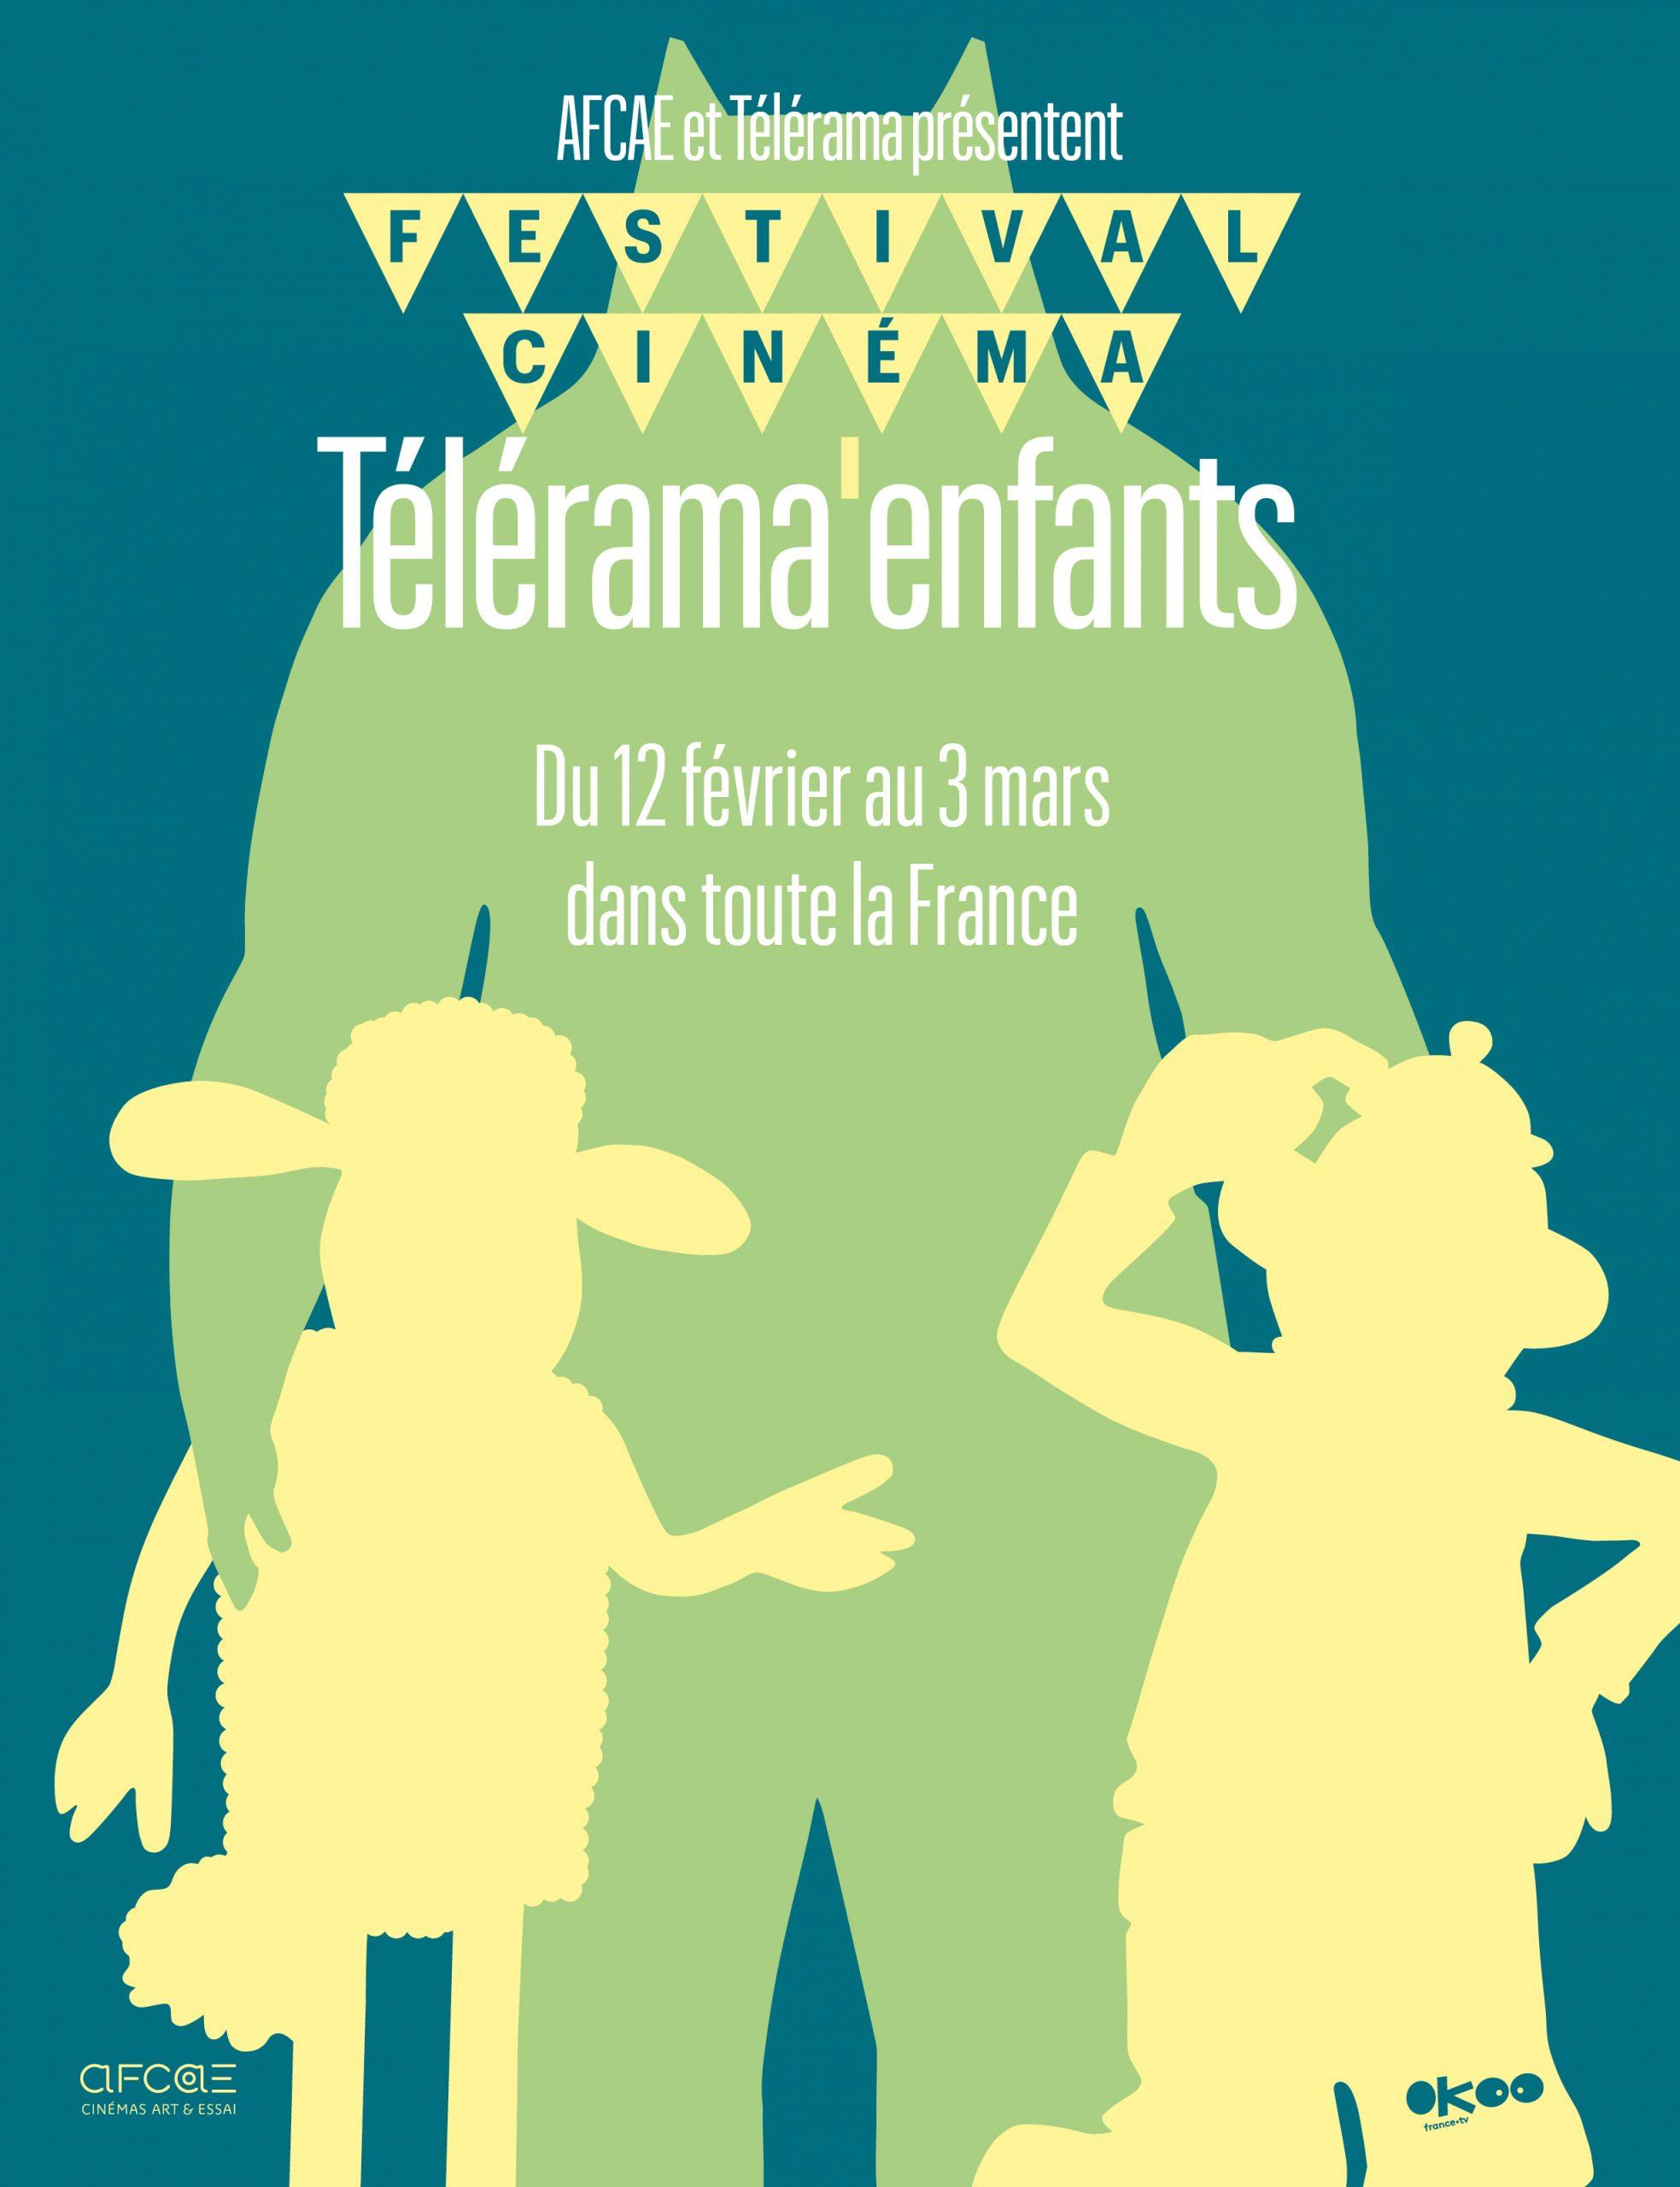 Festival Cinéma Télérama Enfants 2020